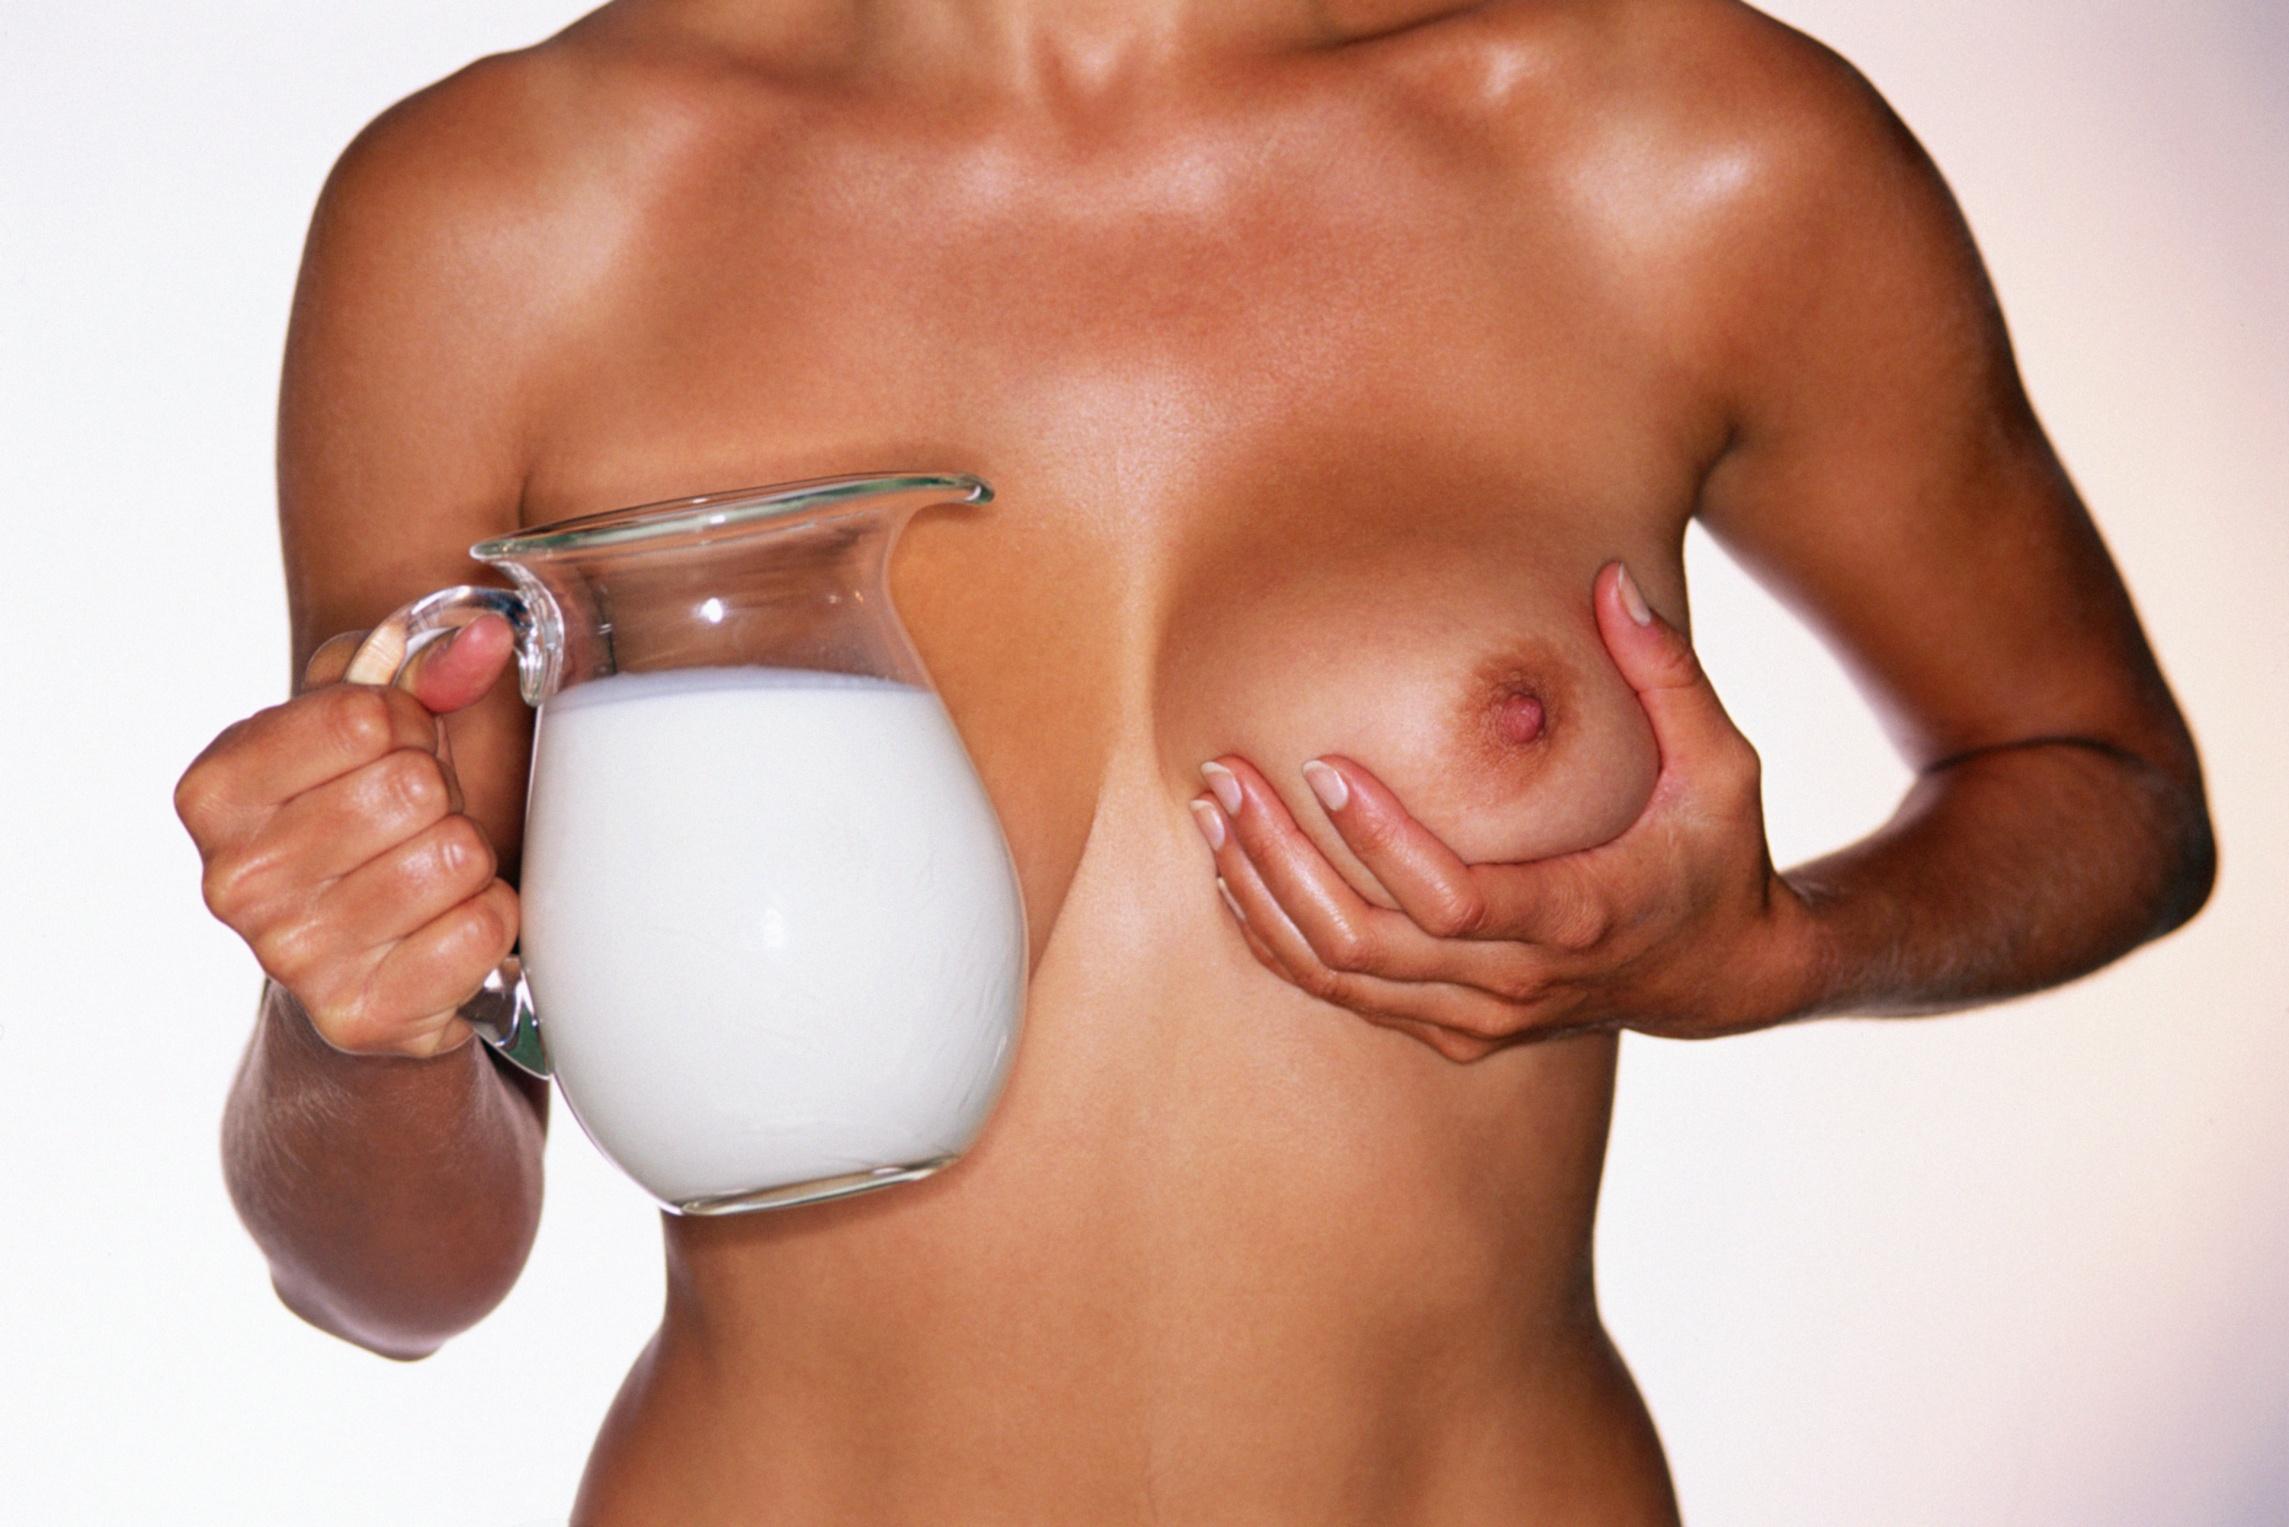 Молочная женская грудь, фото женщин домашнее секс